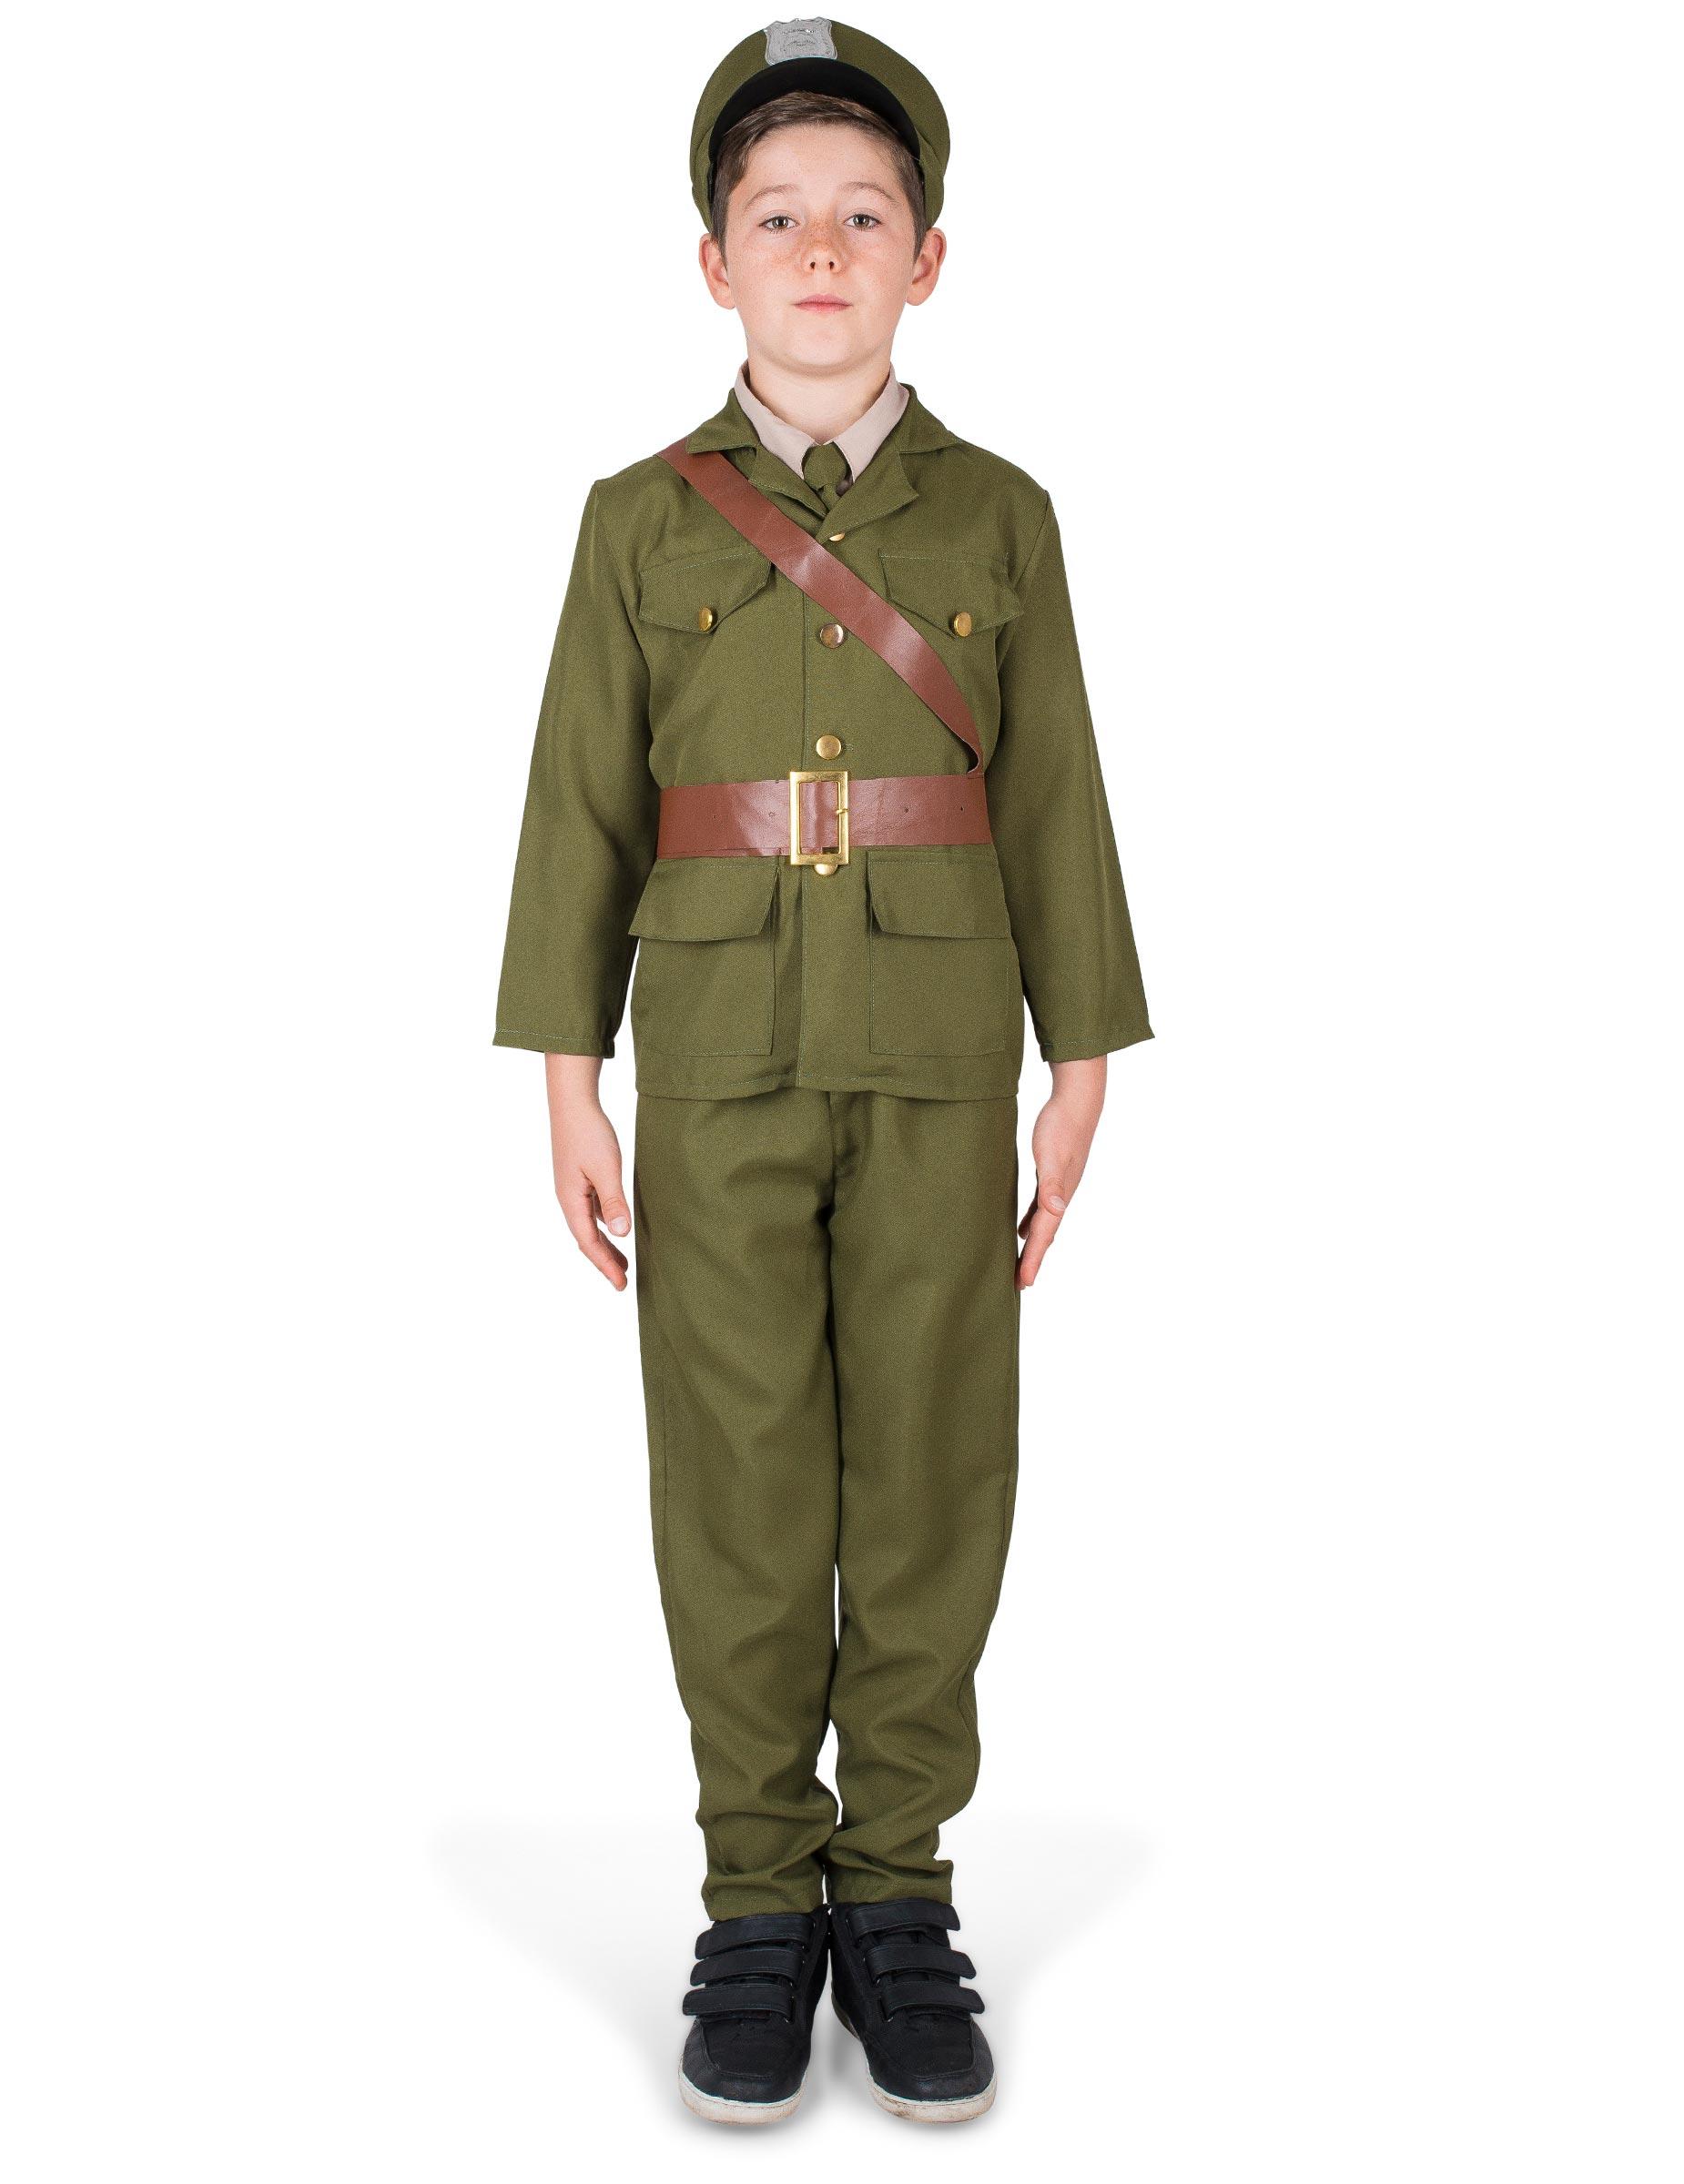 Soldatenkostüm für Jungen - 122/128 (4-6 Jahre) 270266